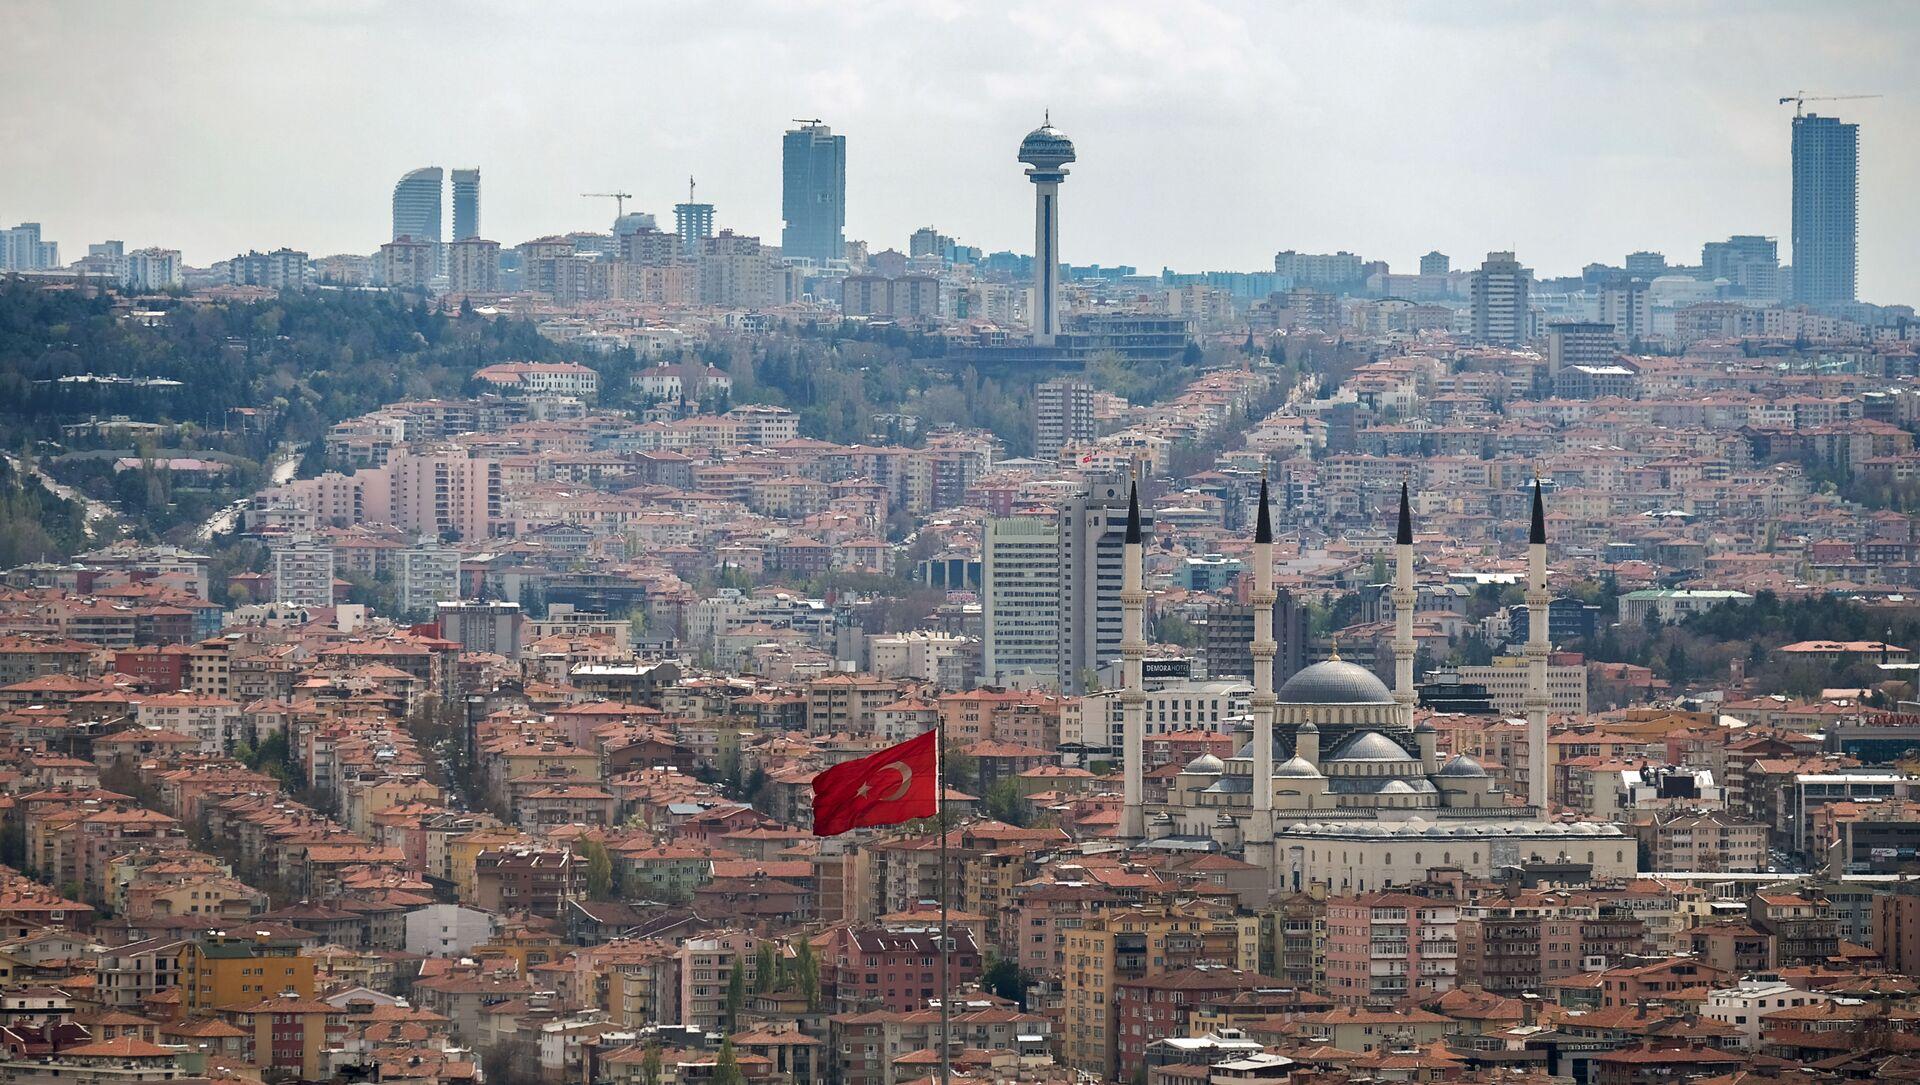 Вид на город Анкара. - Sputnik Абхазия, 1920, 02.10.2021